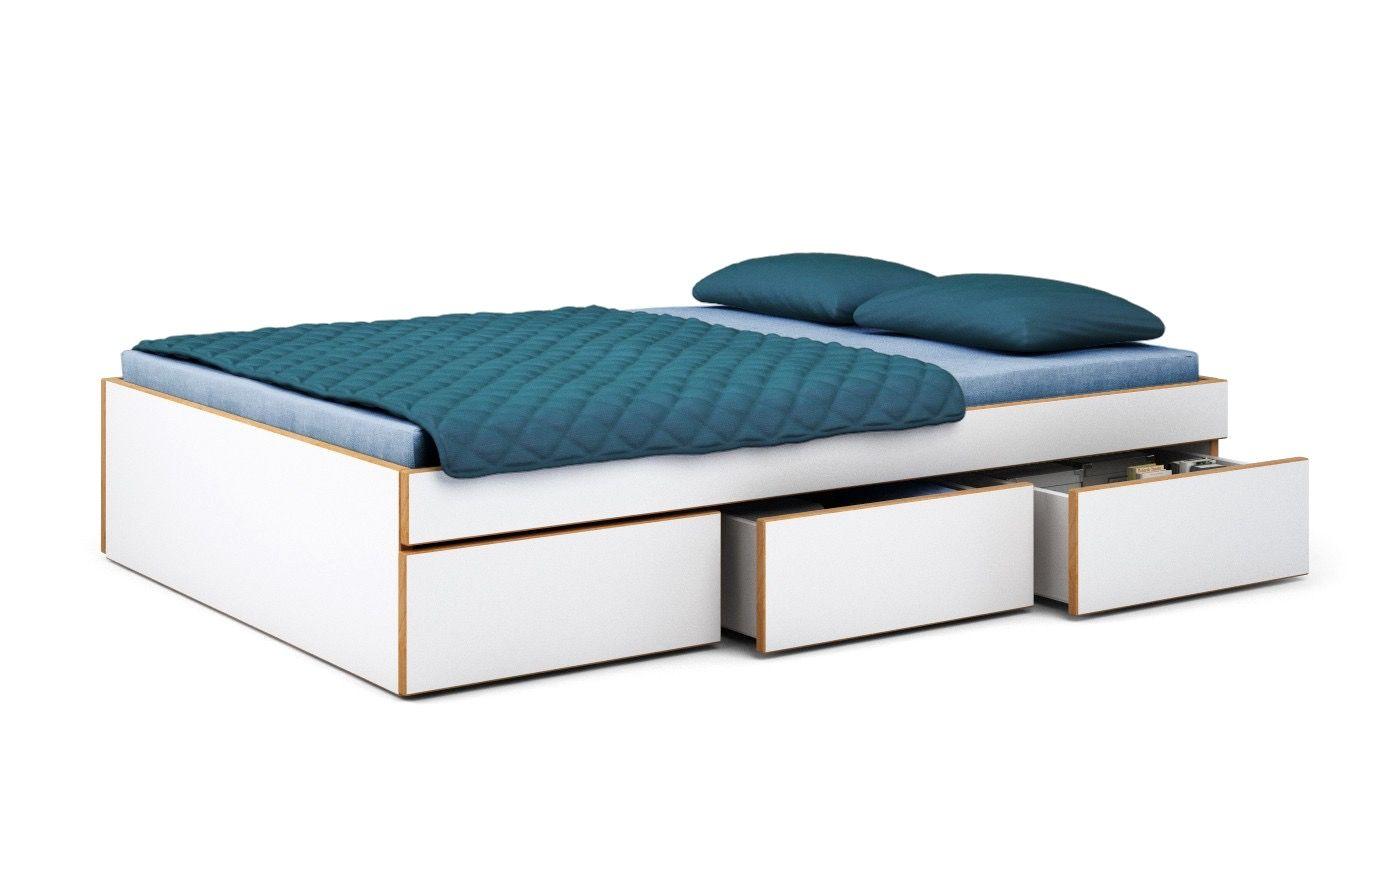 Bett 120x200 Mit Stauraum Bett 120x200 Bett 100x200 Bett